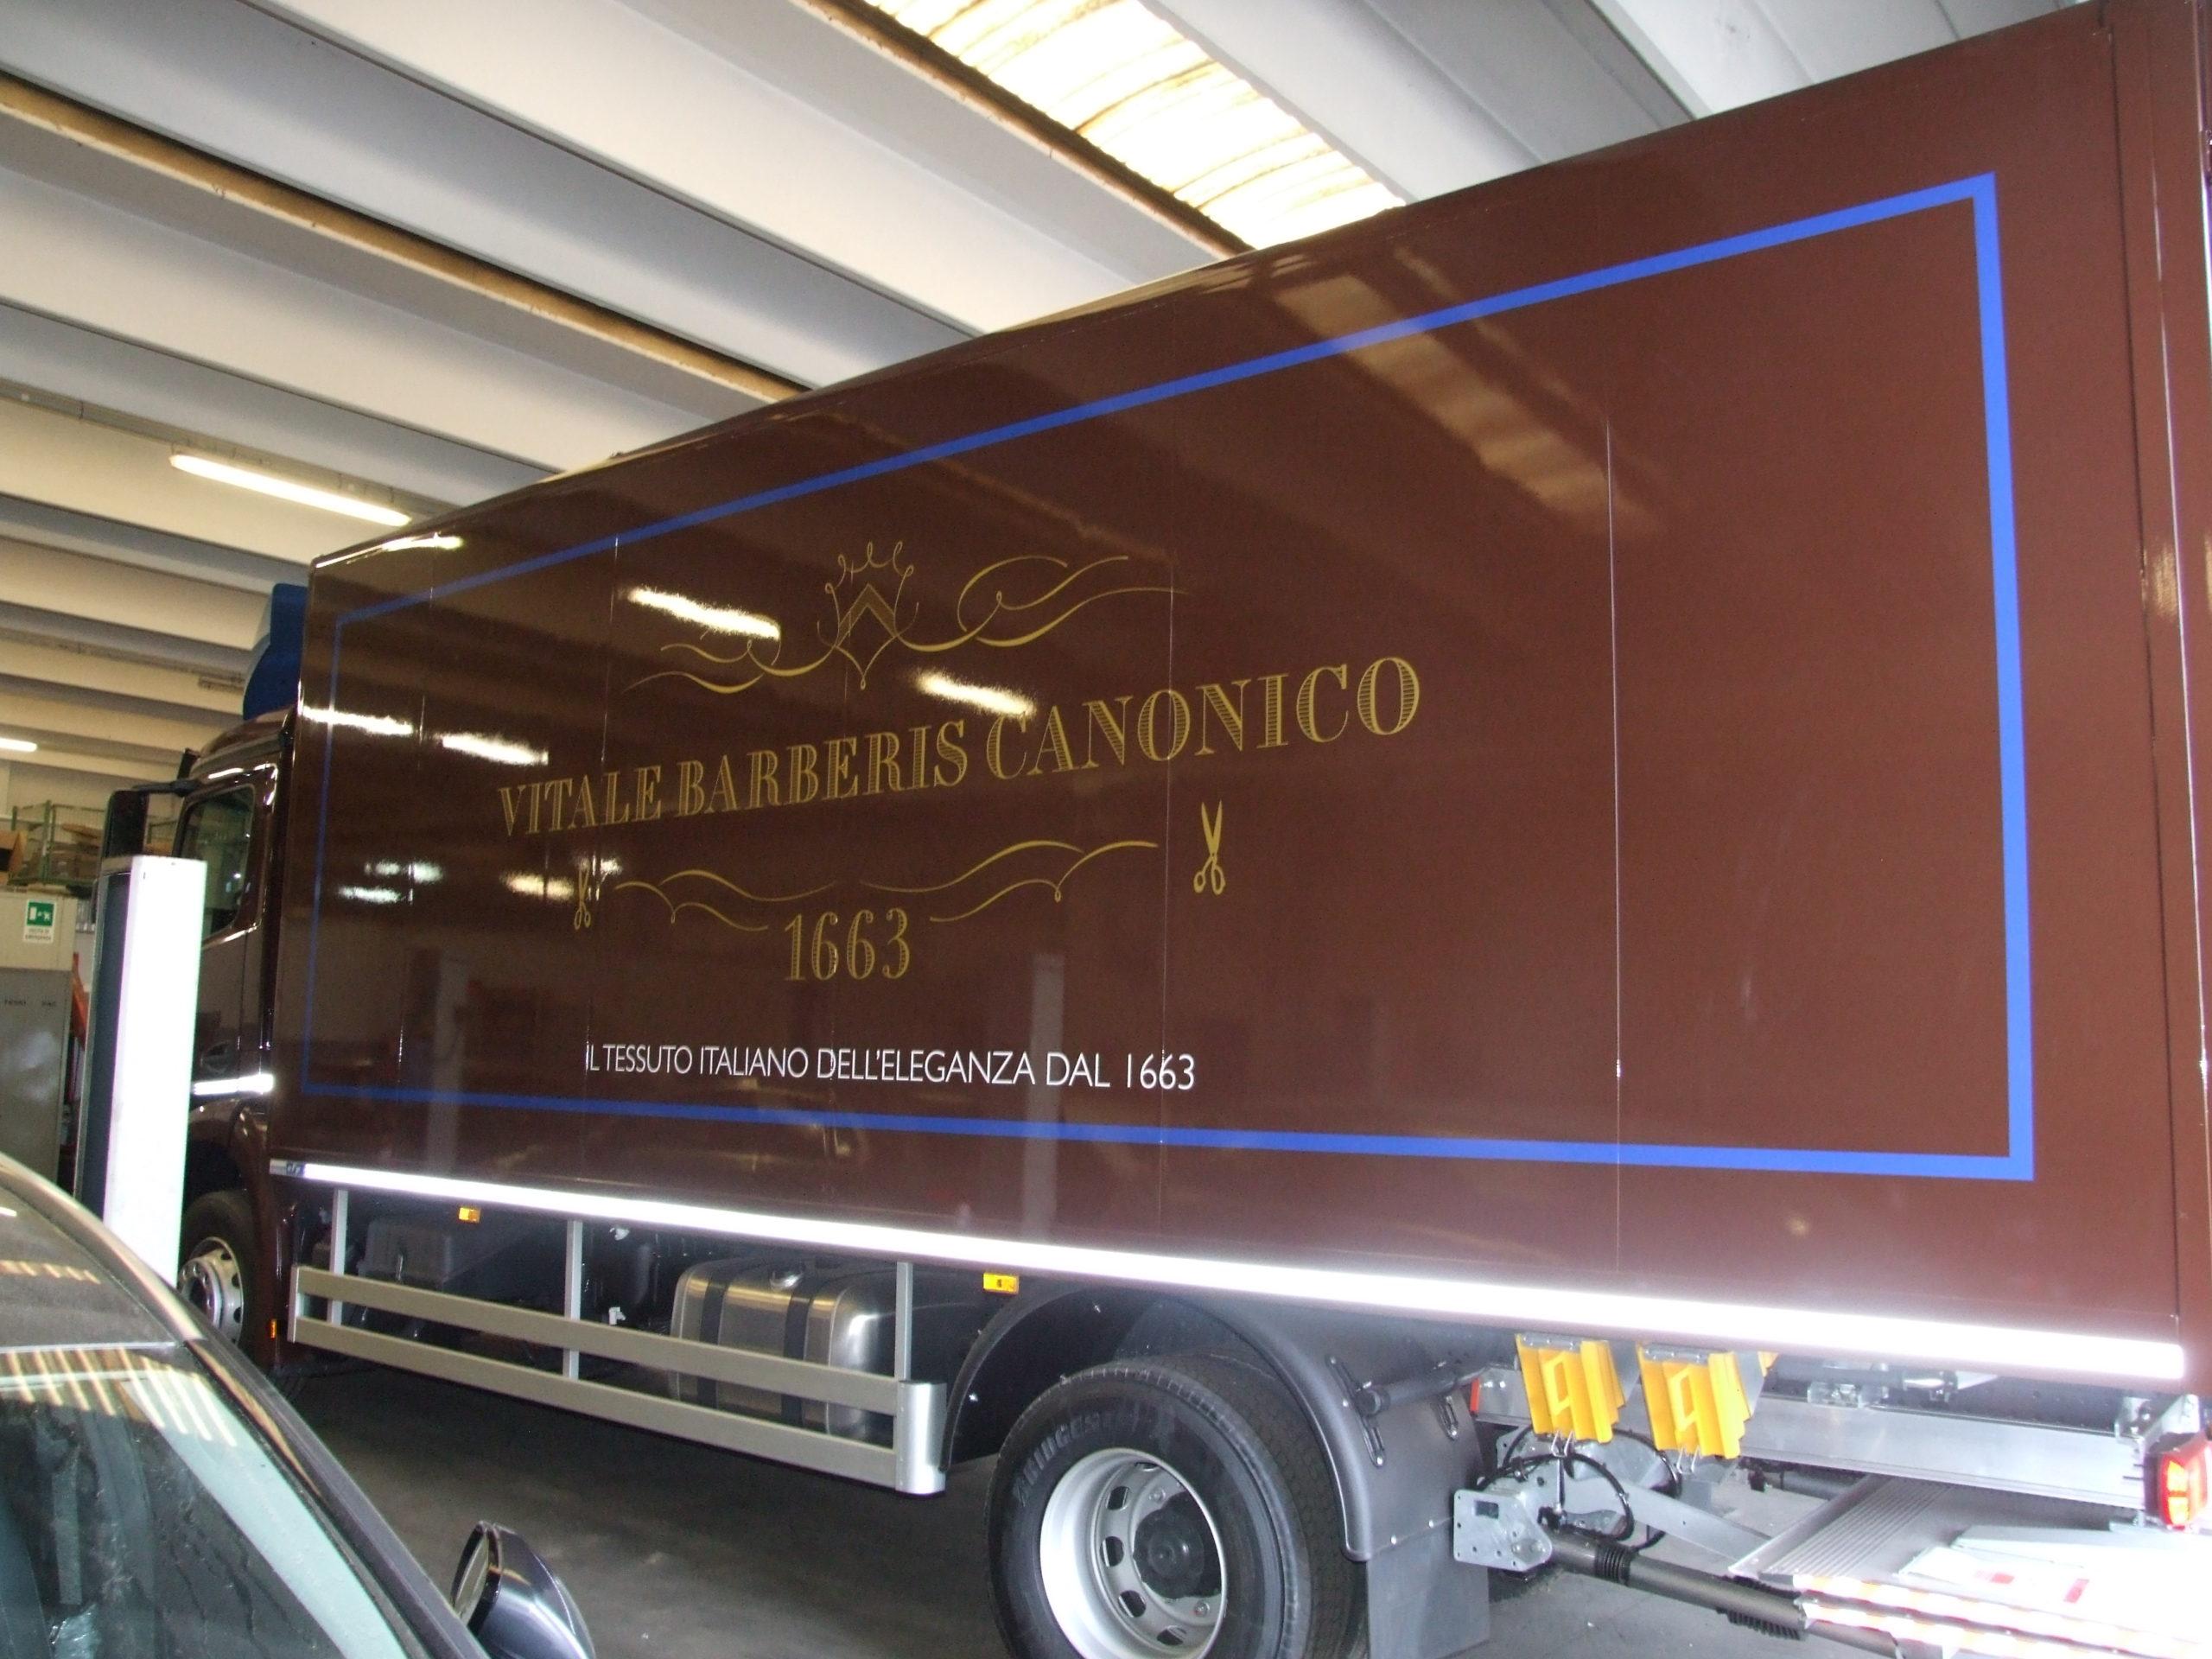 Camion Vitale Barberis